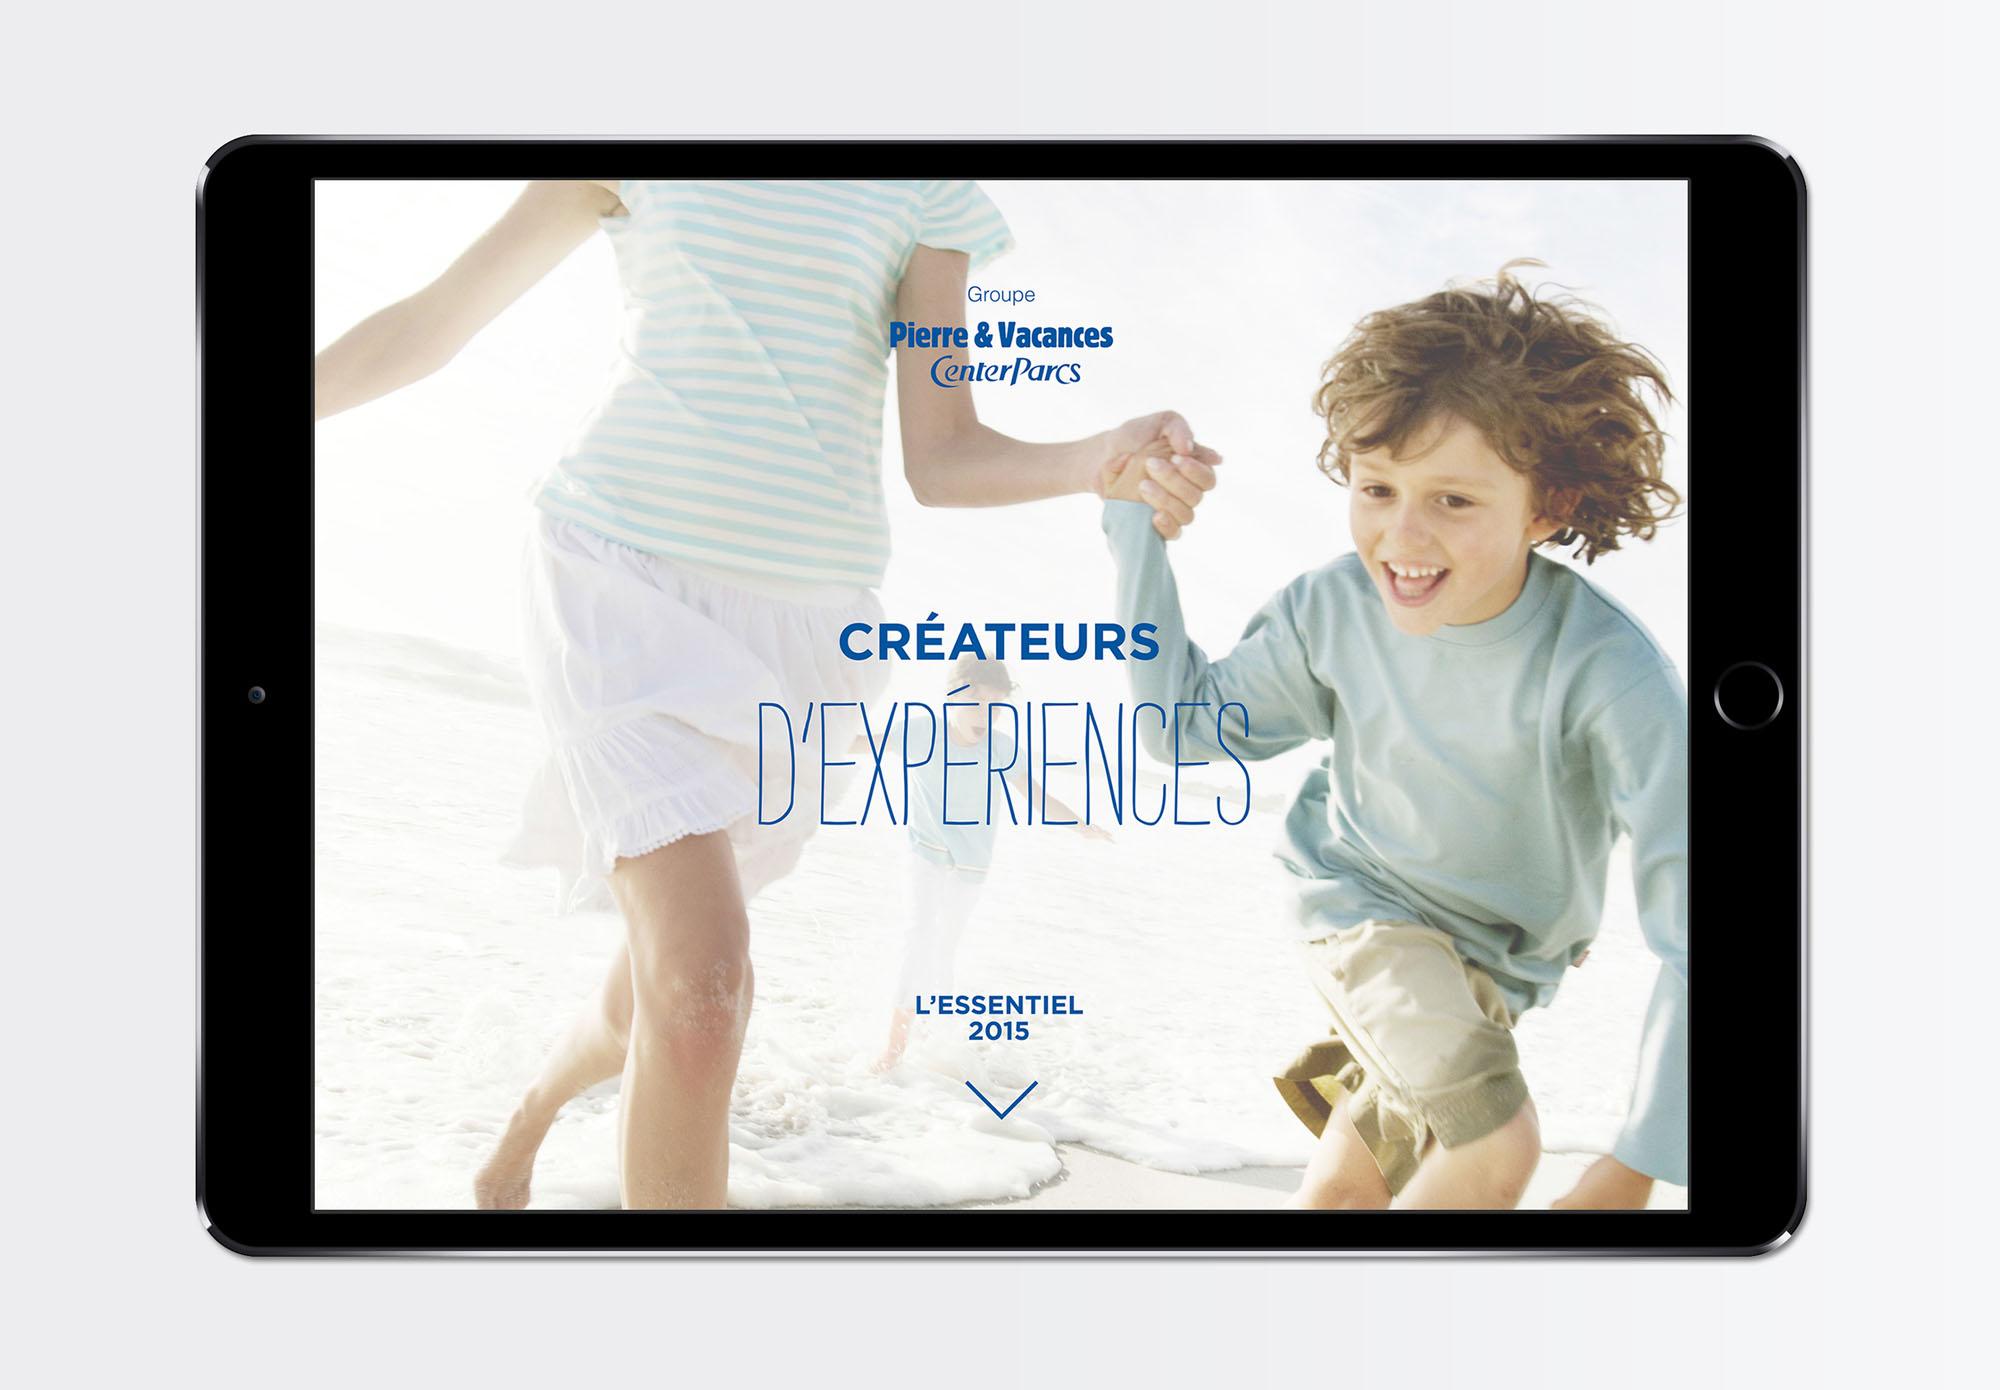 Pierre et Vacances - rapport annuel - version numérique